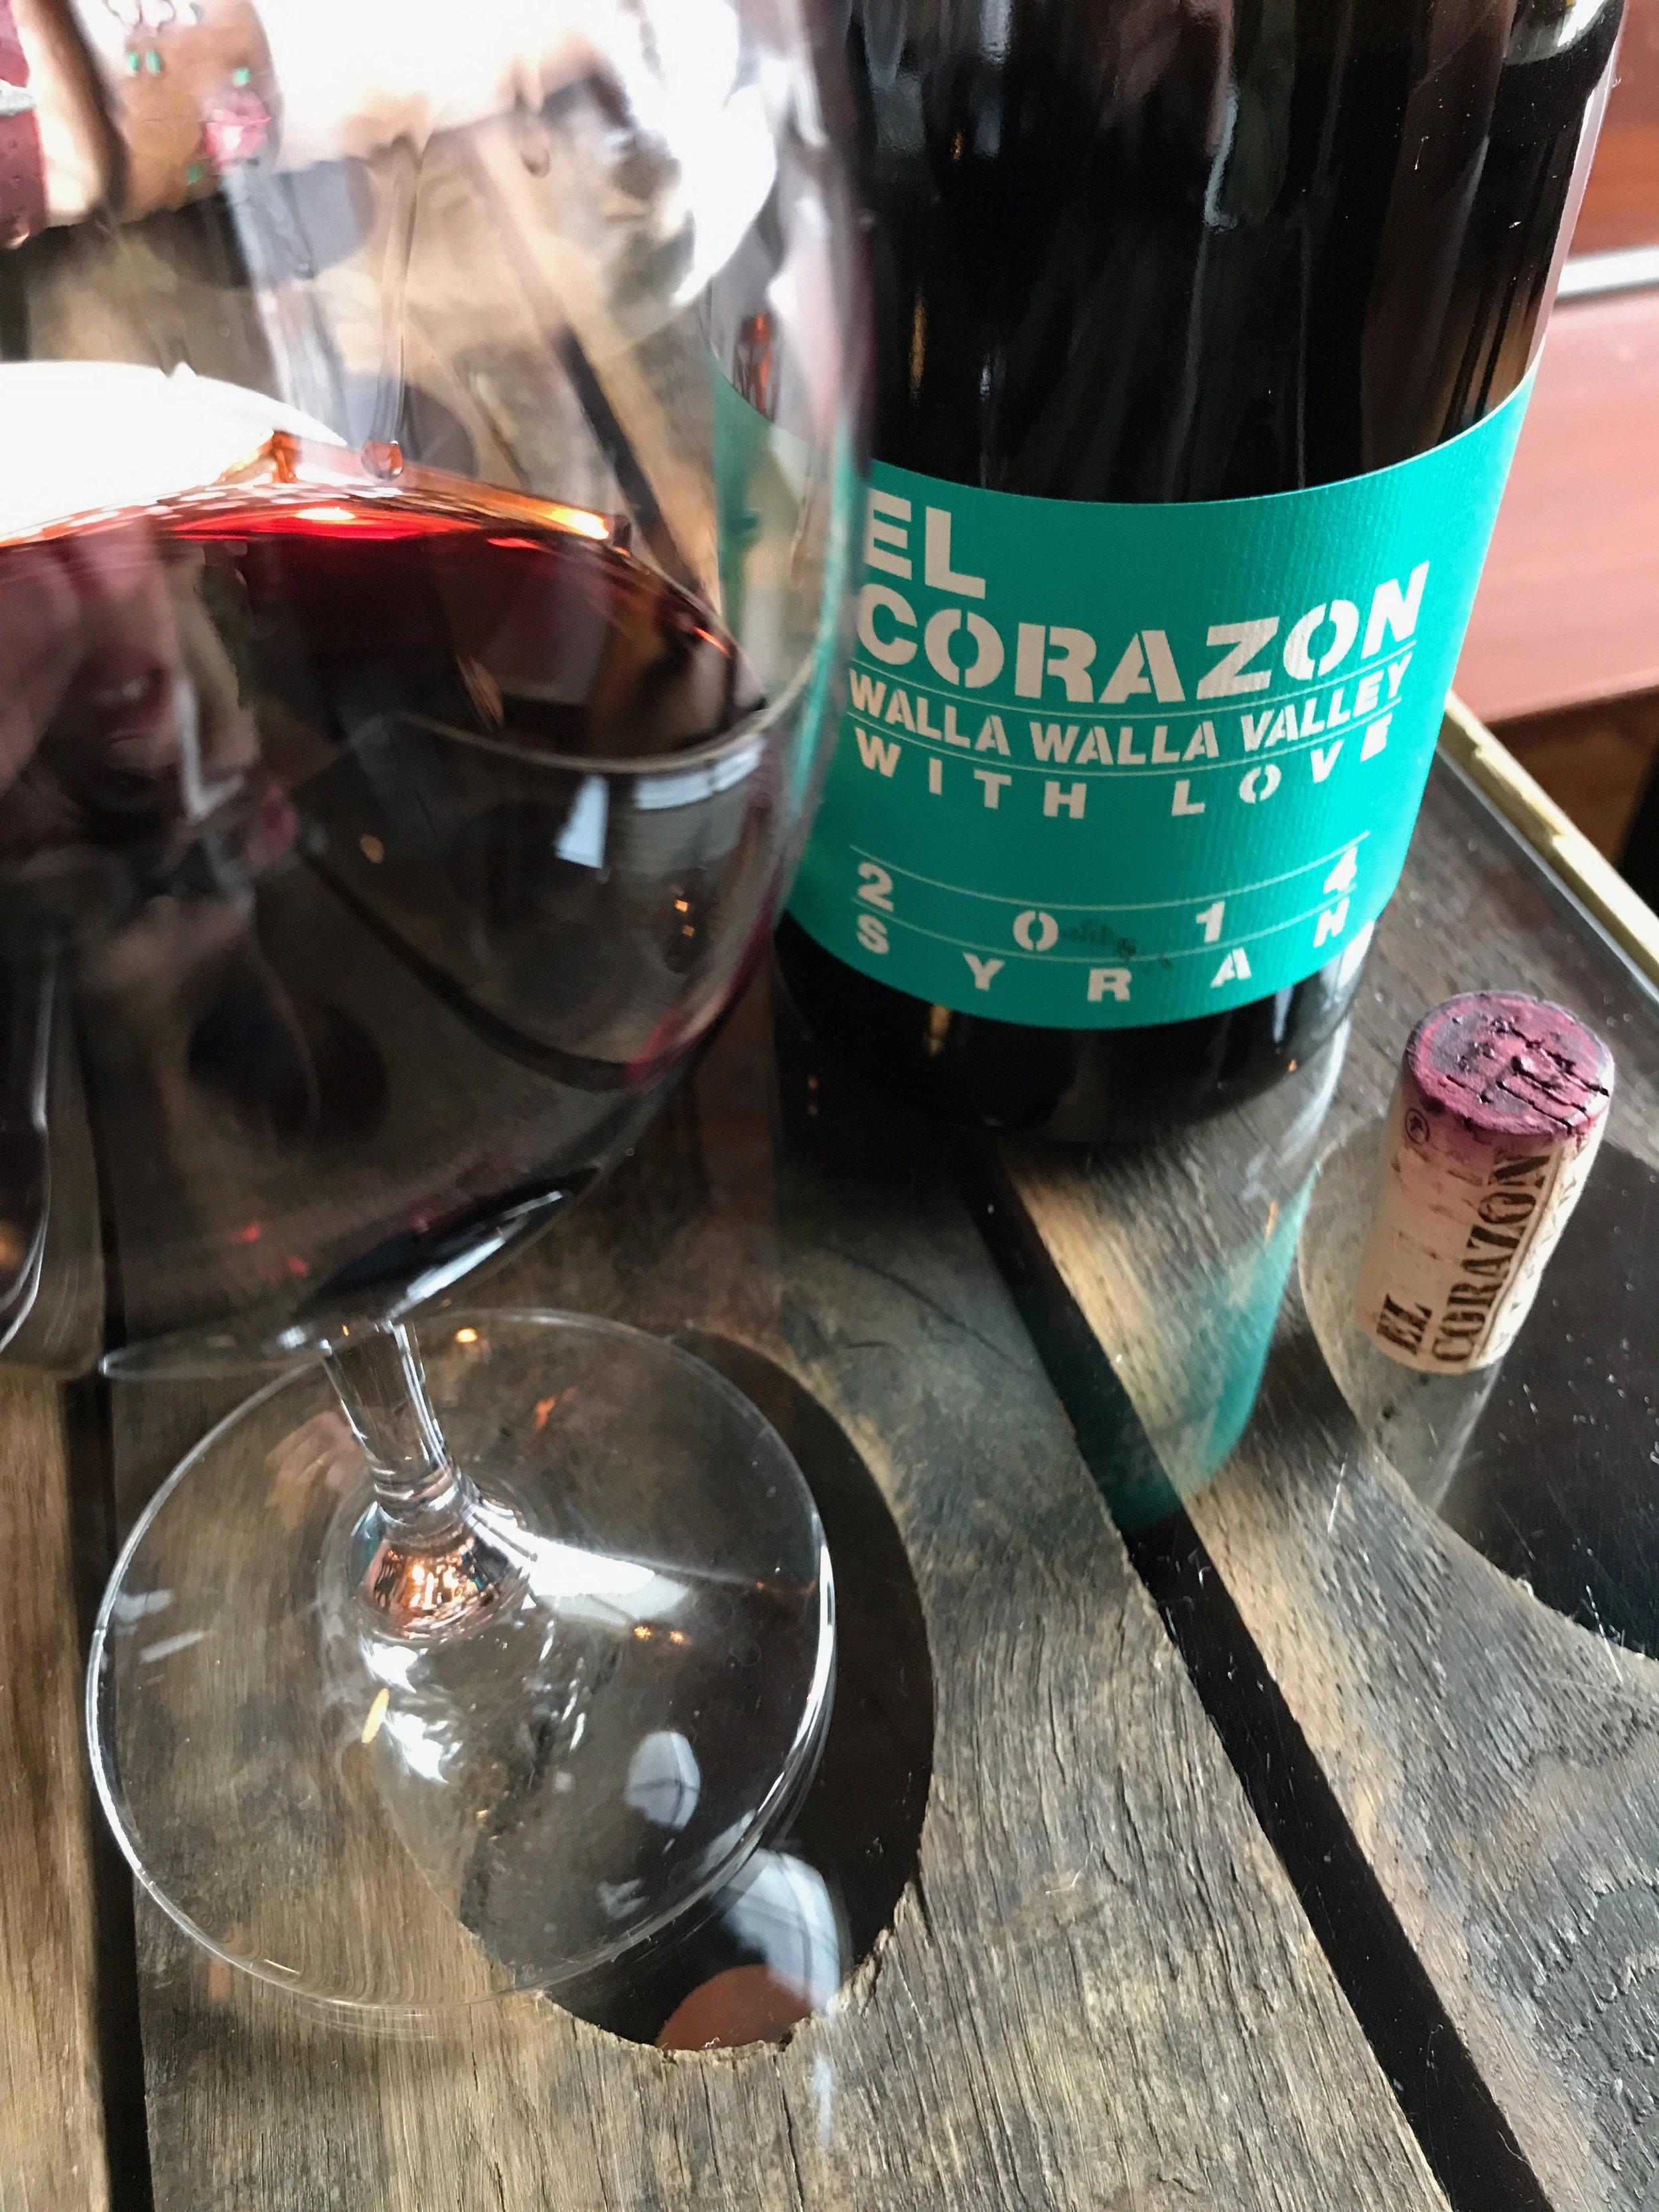 9-El Corazon at Saffron.jpg